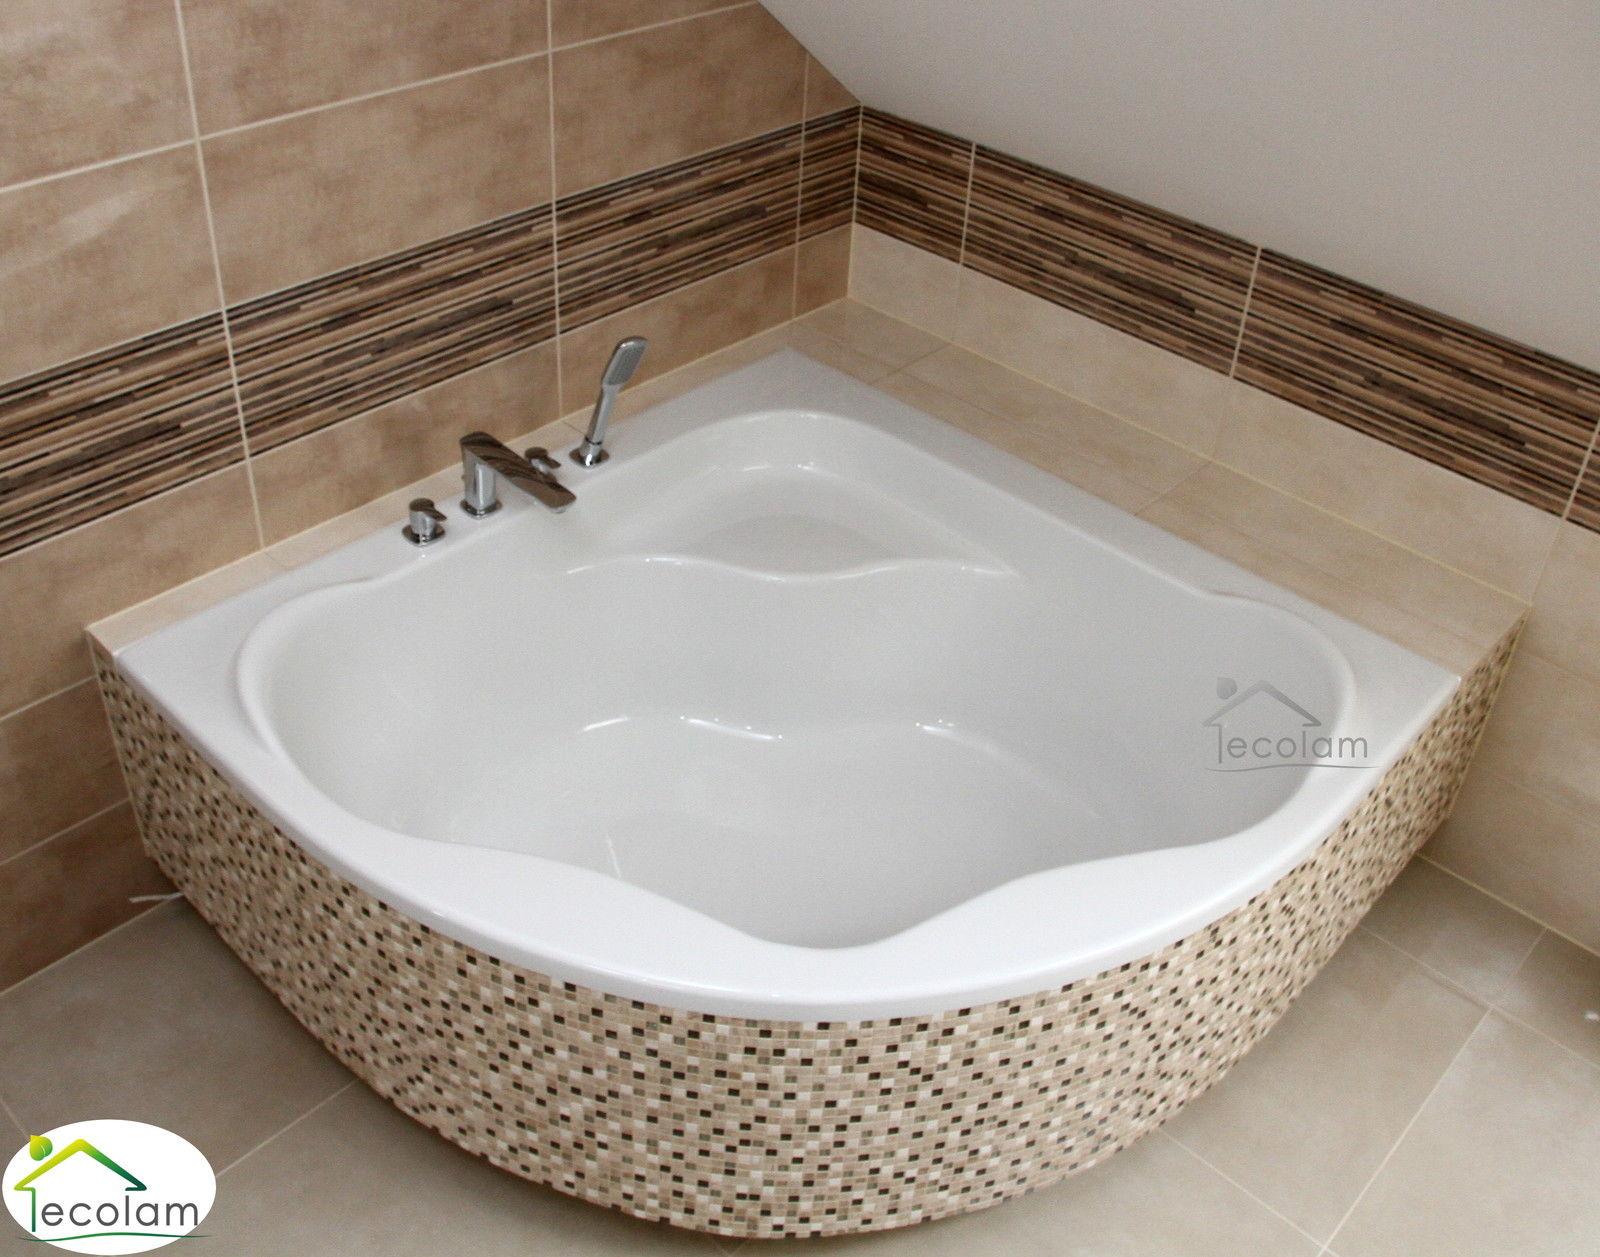 badewanne kleine wanne rechteck 100x65 110x70 cm sch rze ablauf silikon acryl ebay. Black Bedroom Furniture Sets. Home Design Ideas